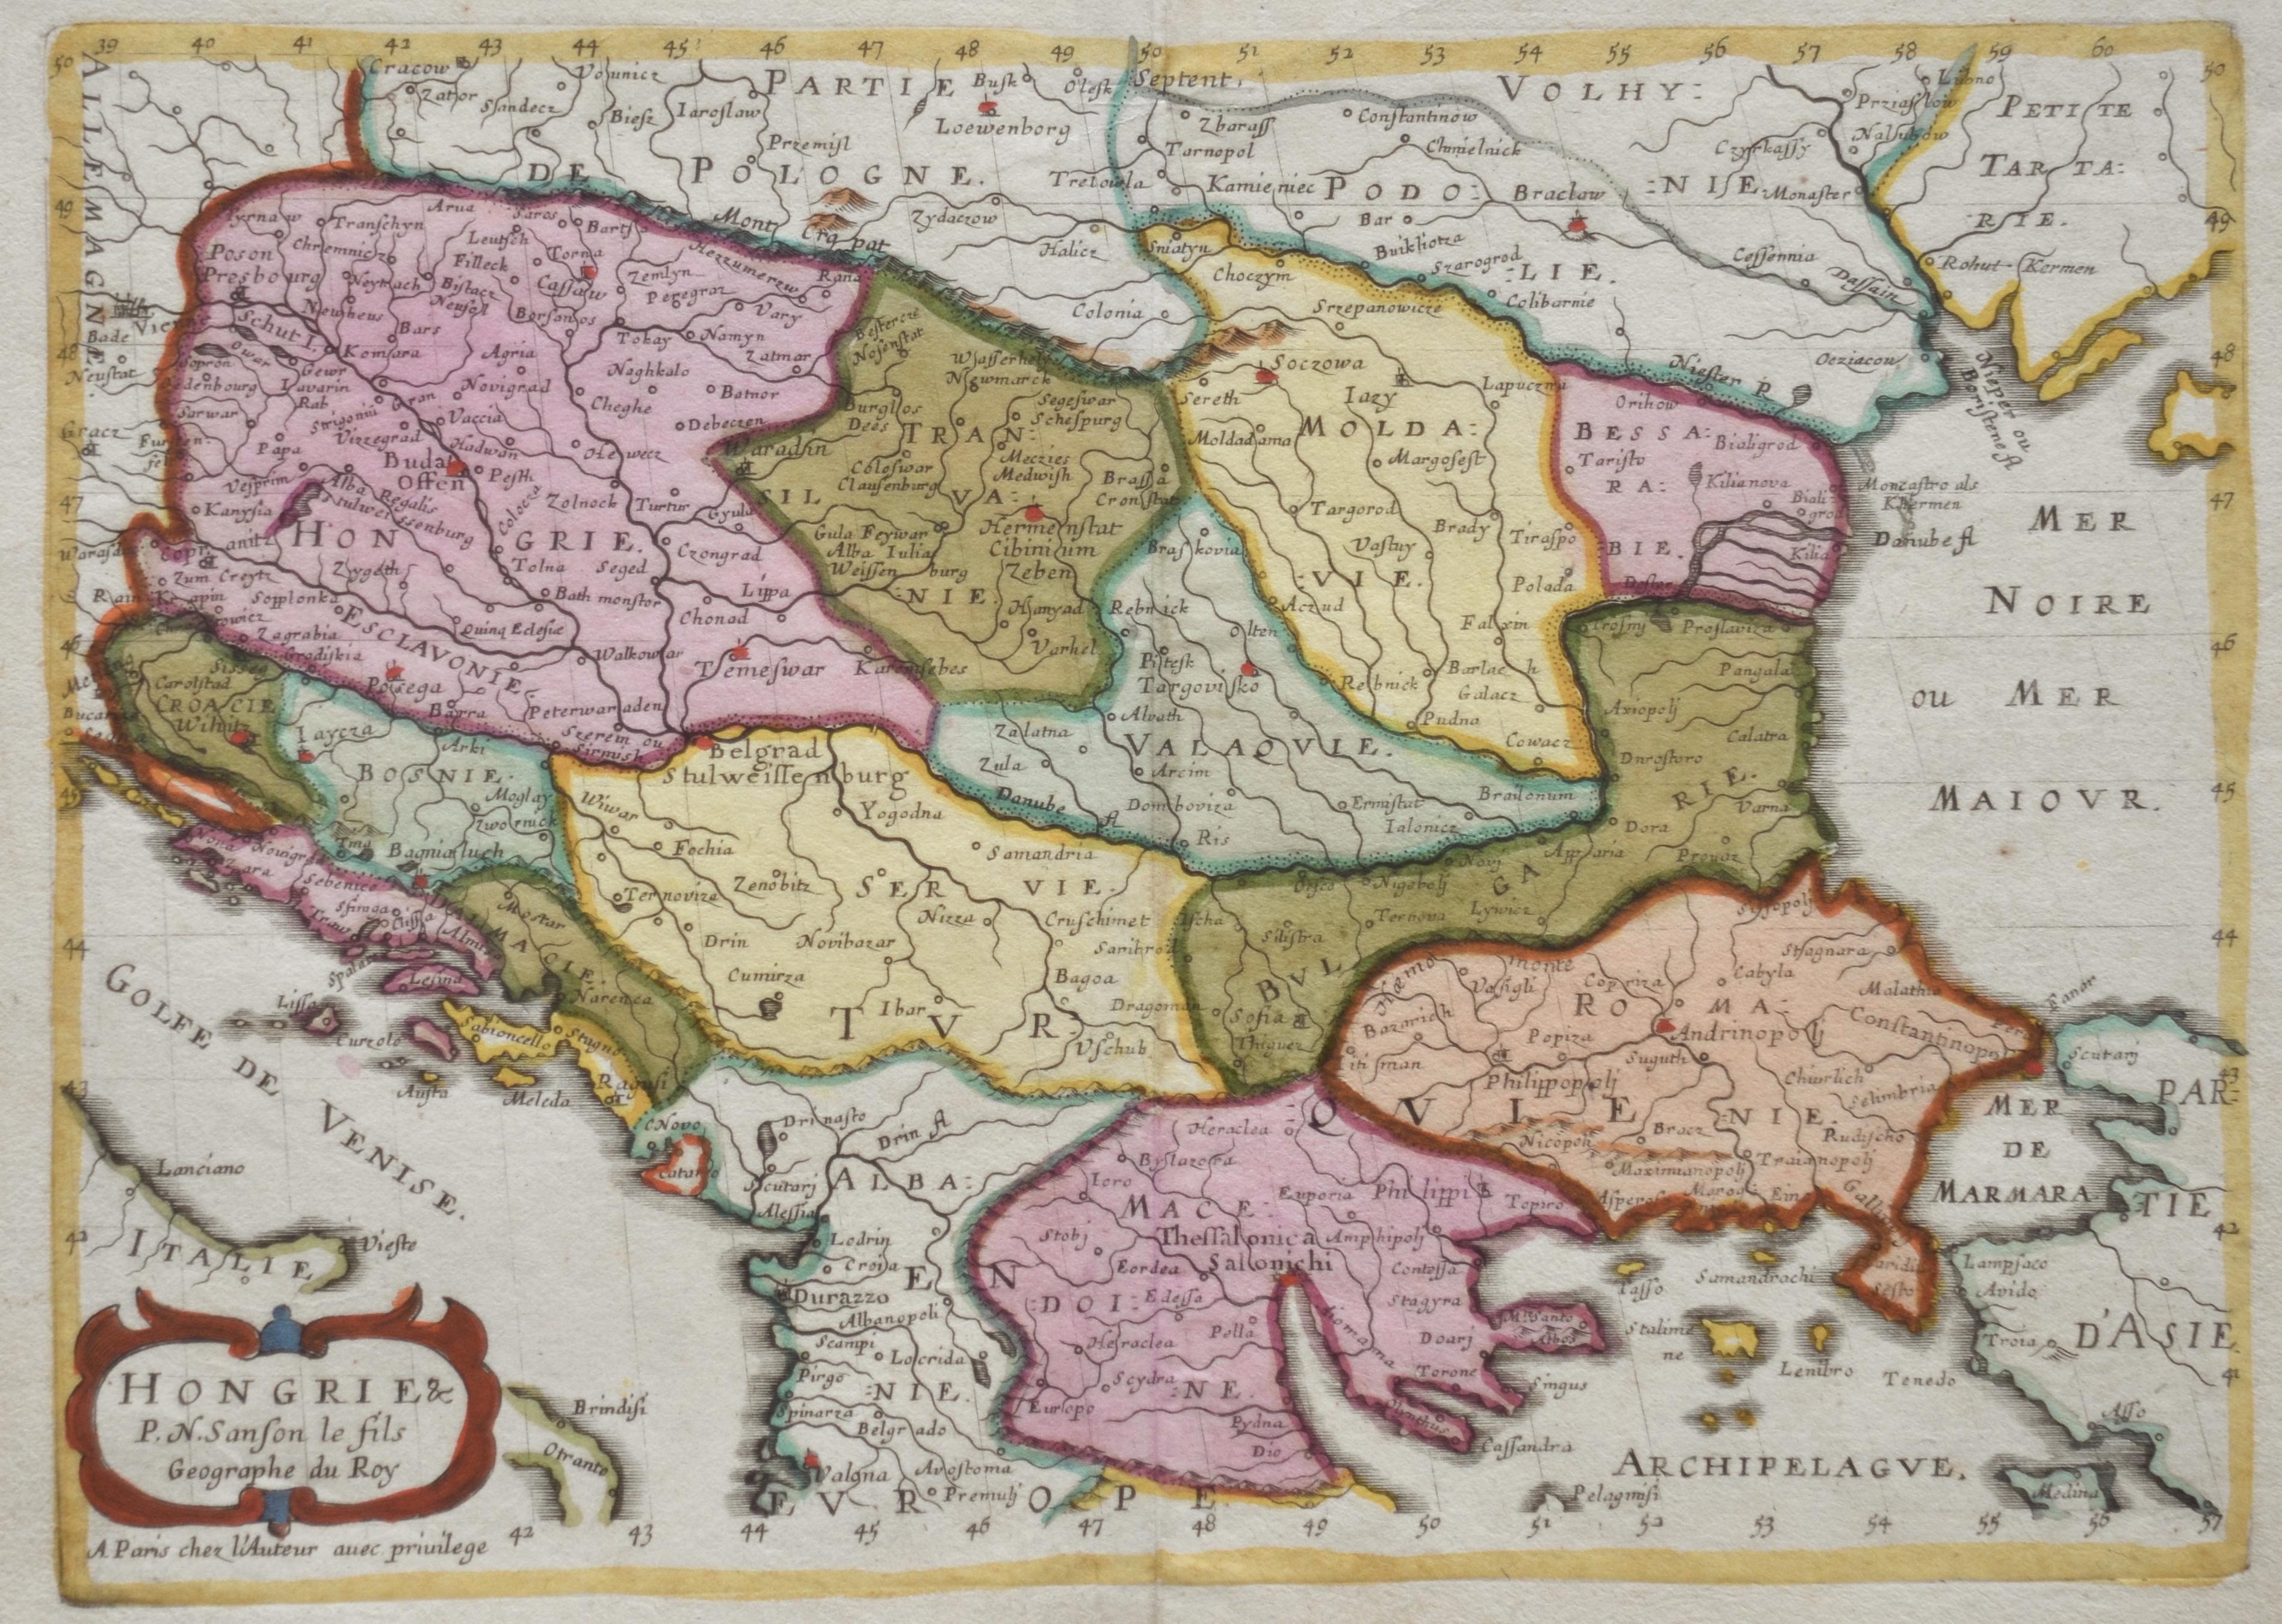 Sanson  Hongrie & P.N. Sanson le fils Geographe du Roy